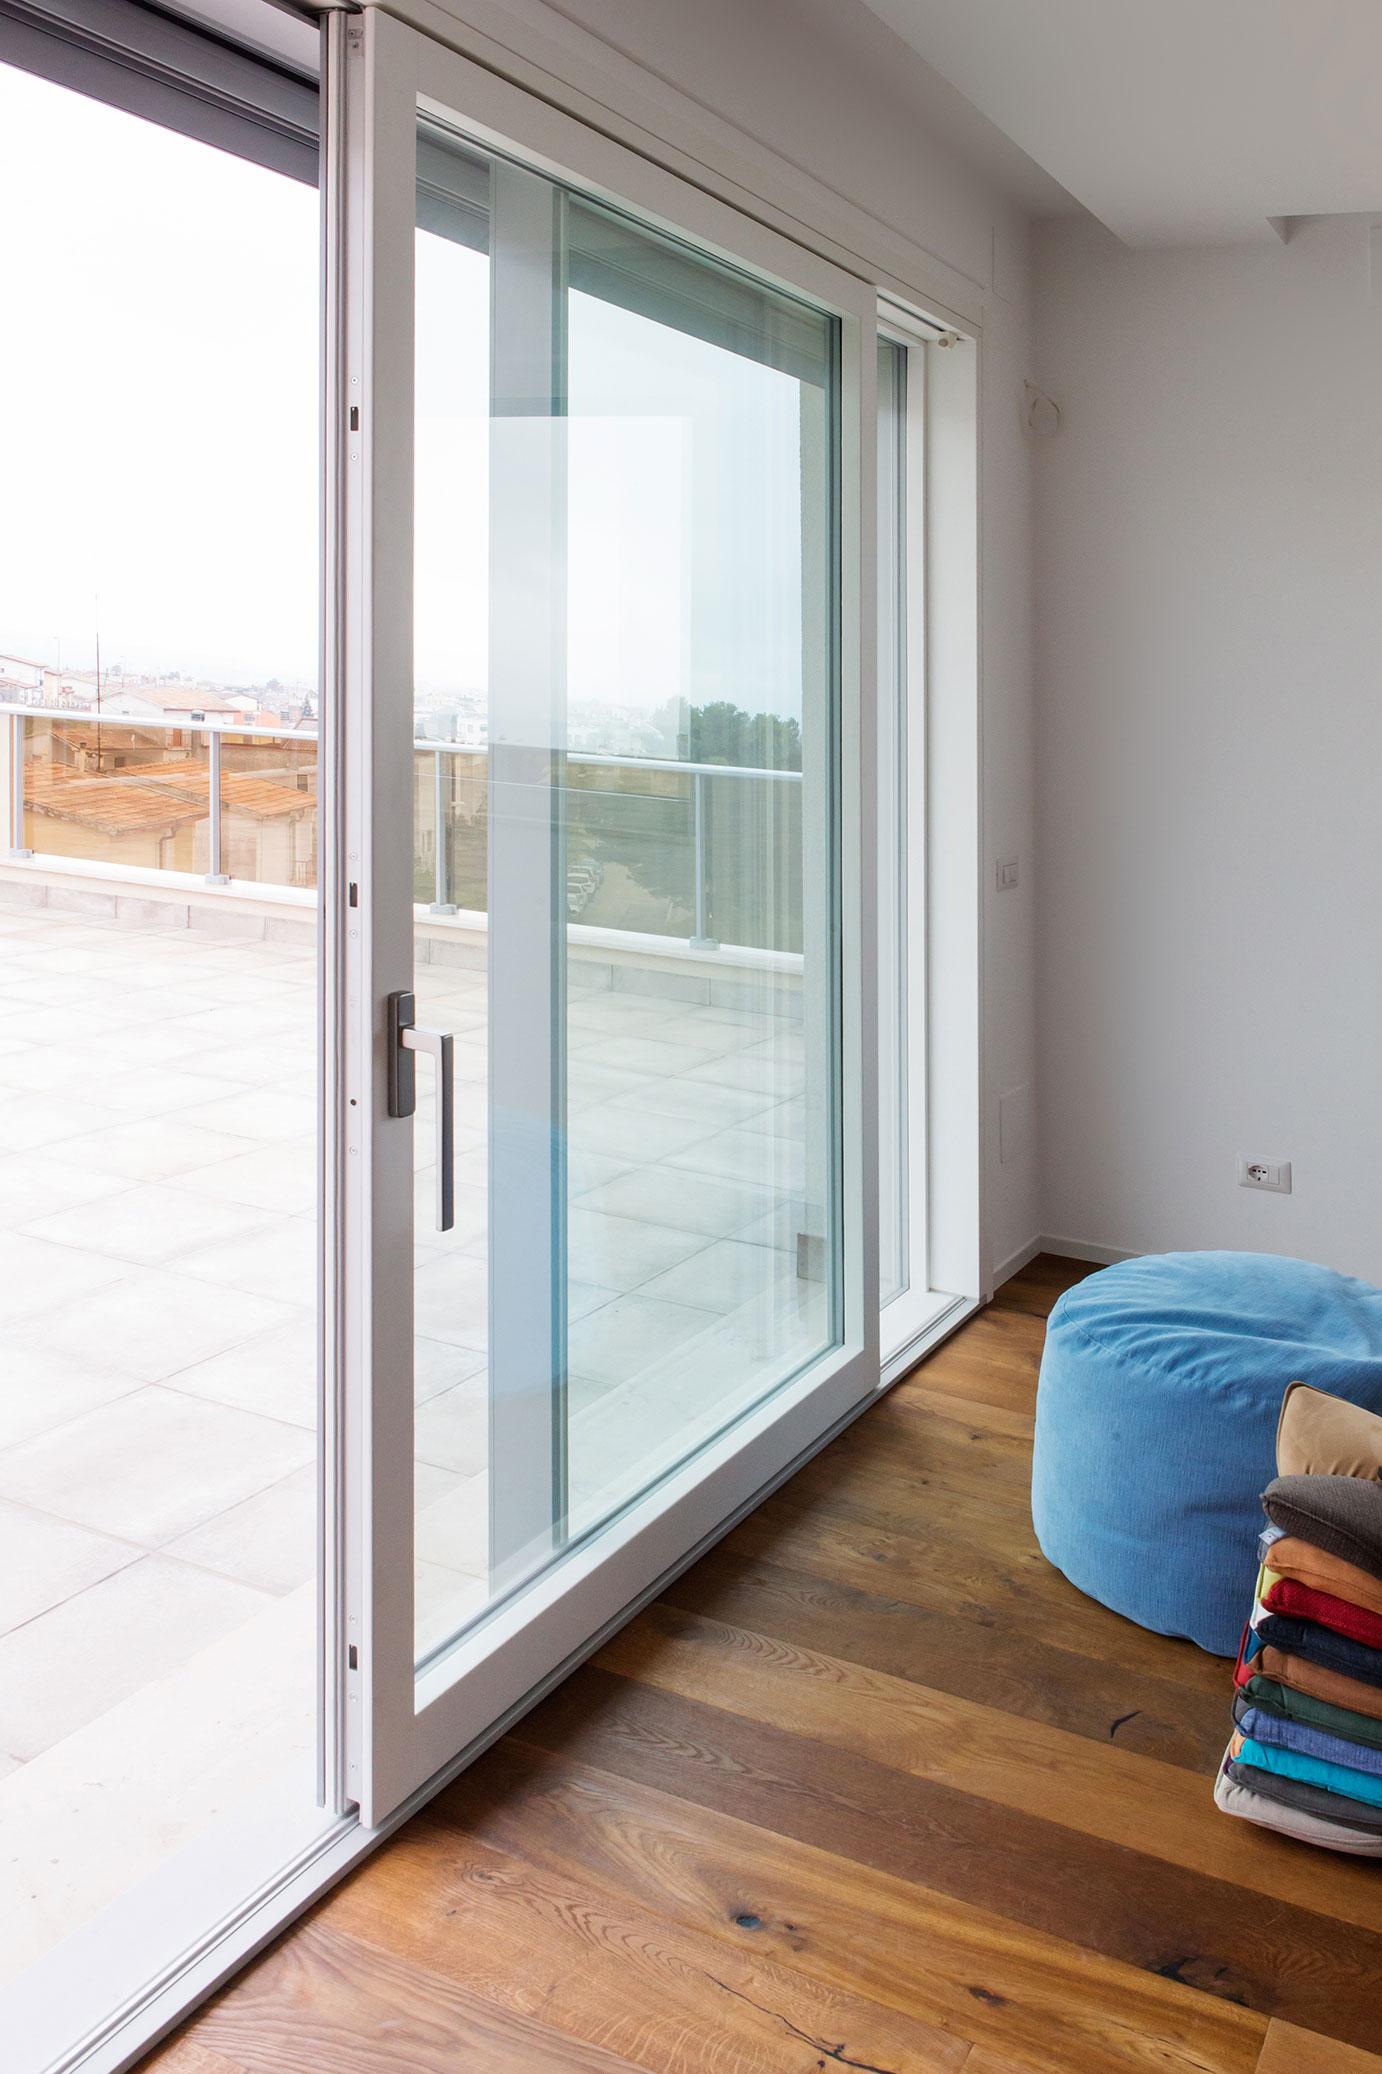 portfolio-9-colacicco-legno-porte-interni-esterni-infissi-legno-alluminio-pvc-parquet-pavimenti-scale-schermature-avvolgibili-matera-basilicata